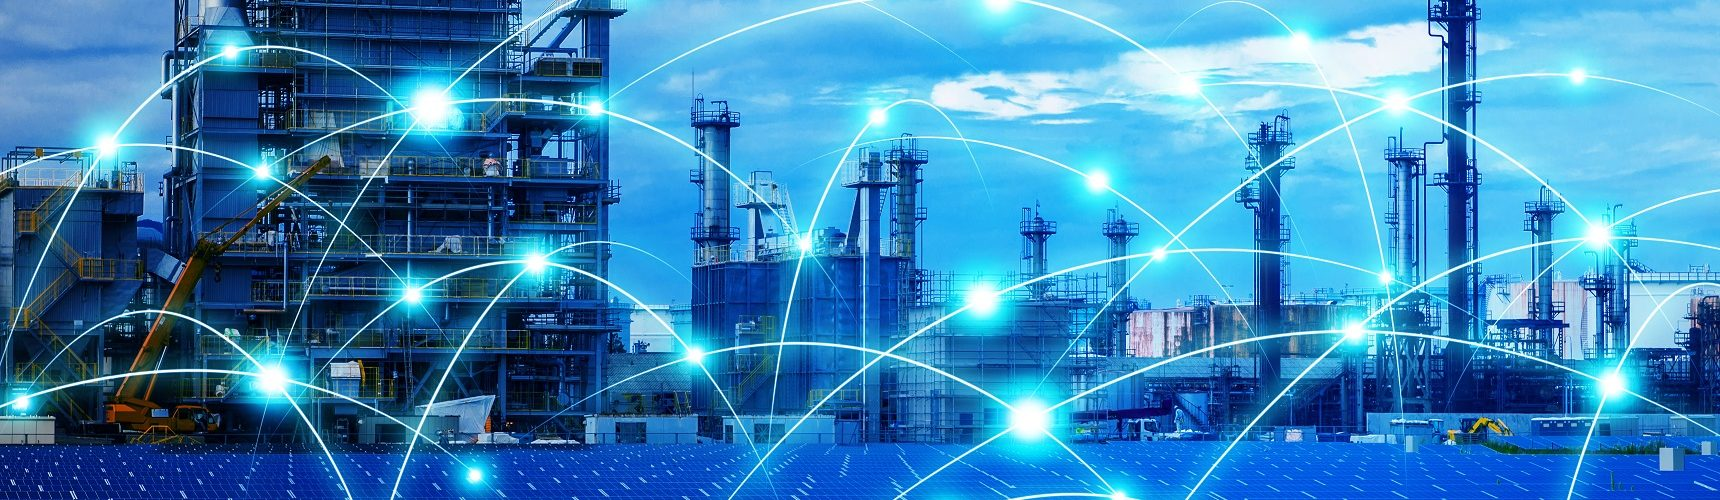 Ciberseguridad en infraestructuras críticas.